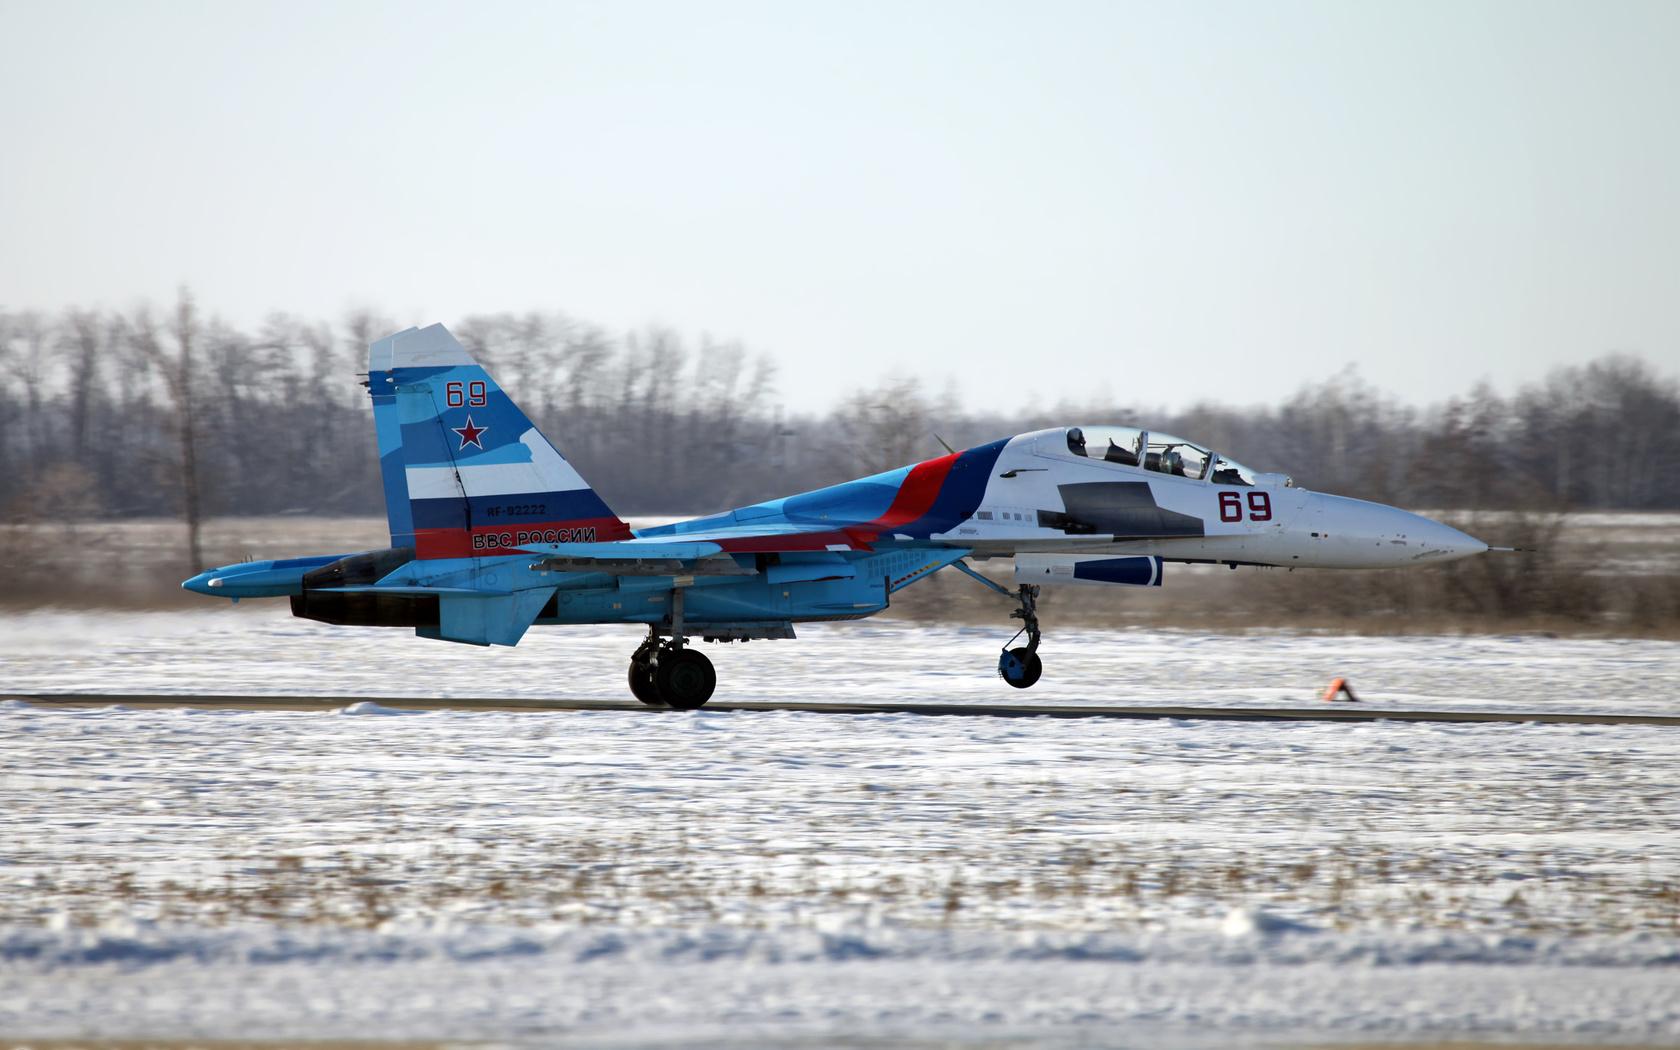 многоцелевой истребитель, 4-е поколение, Су-30, сухой